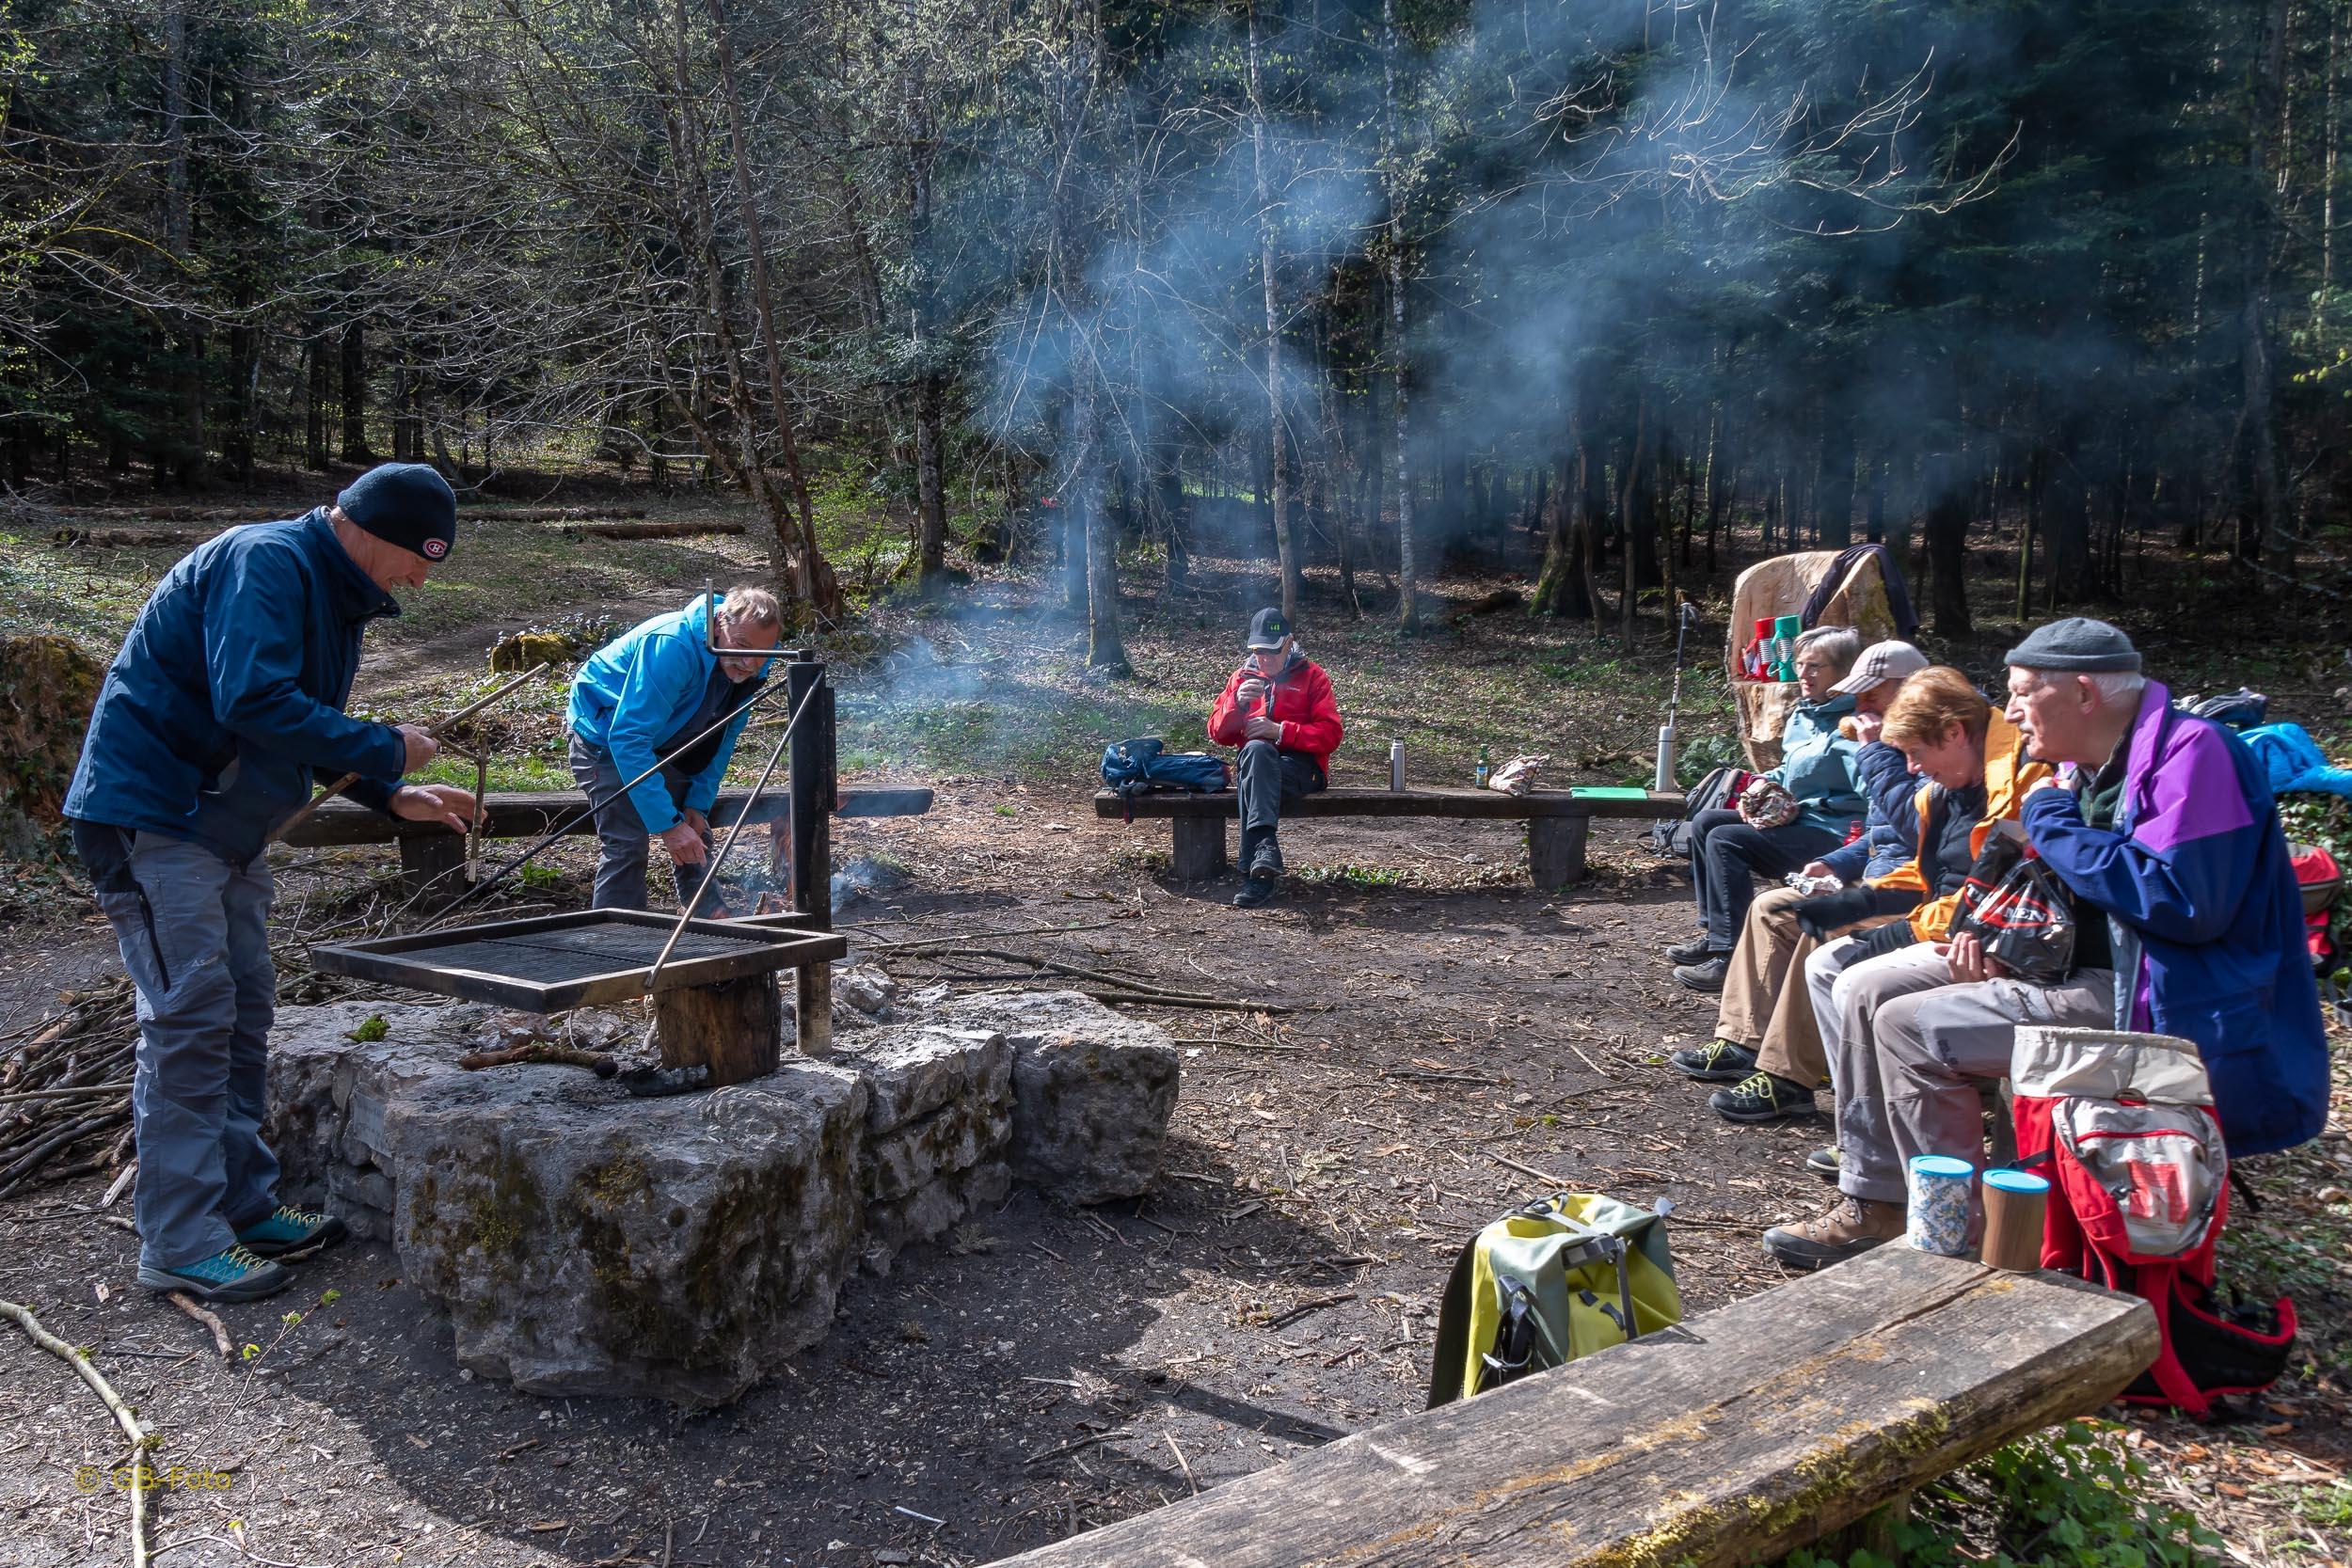 Seniorenwanderung Metzerlen - Ettingen 08.04.2021